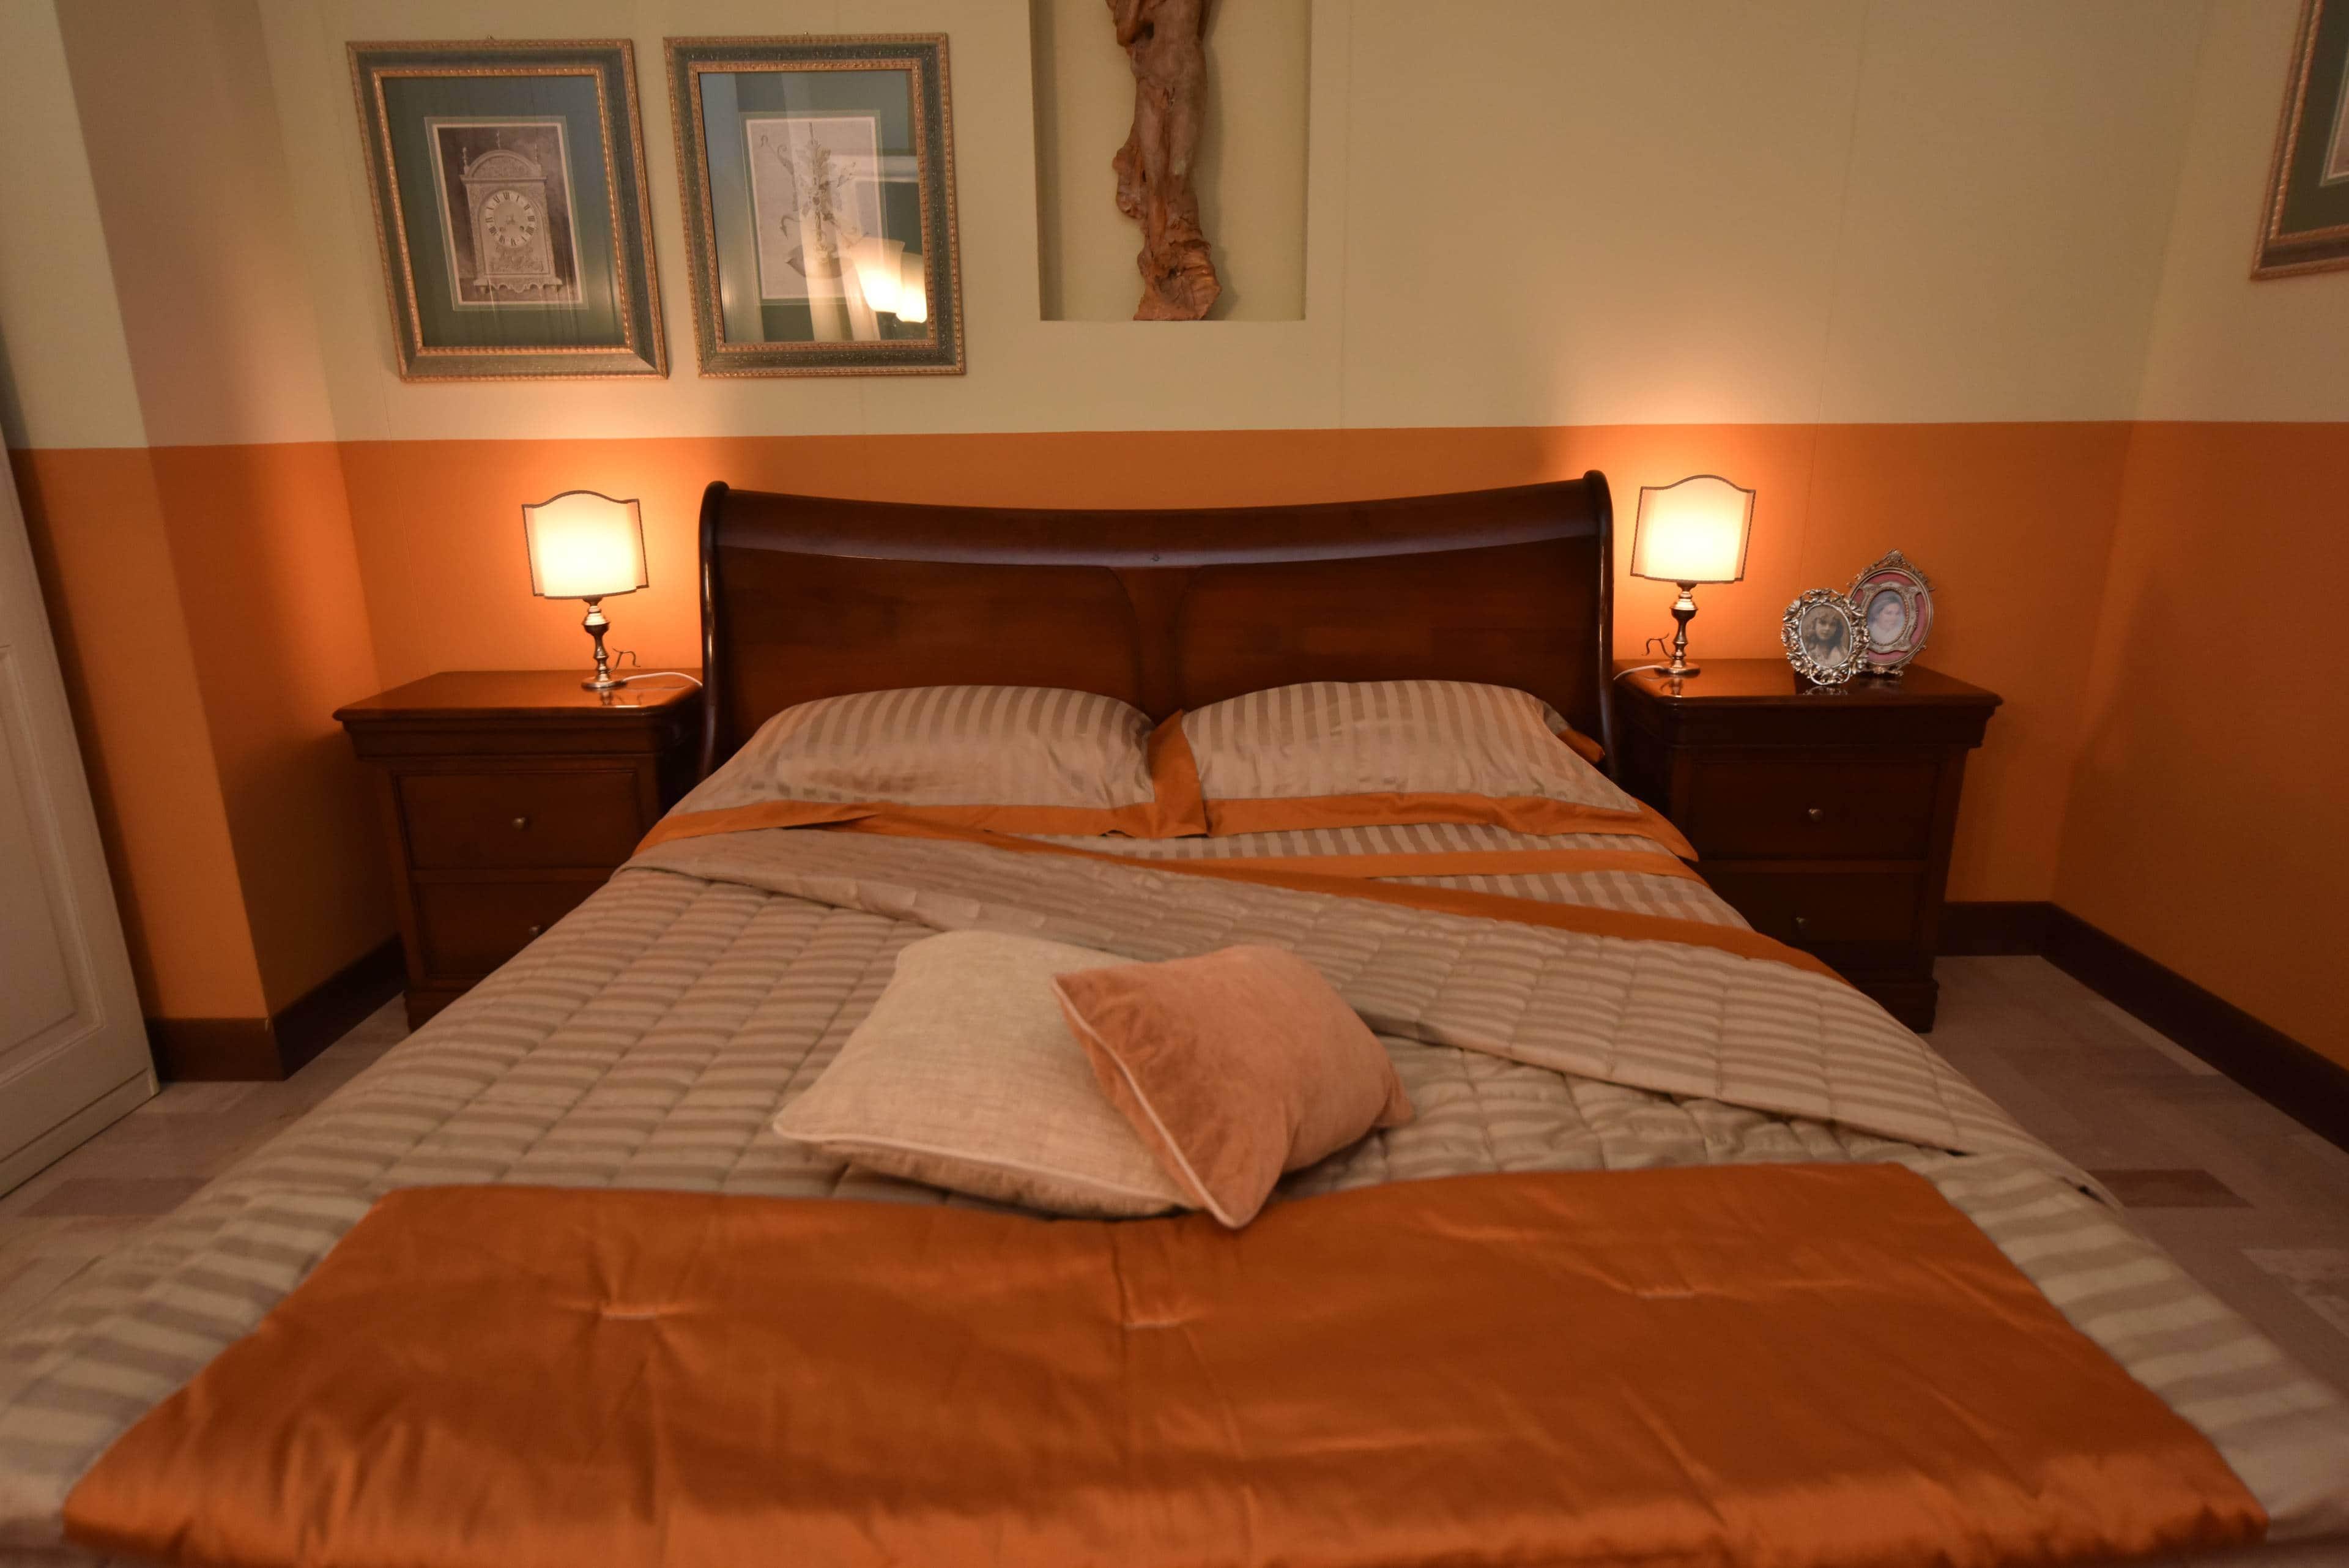 Grande arredo camera da letto claudine outlet mobili classici - Arredo camera da letto ...